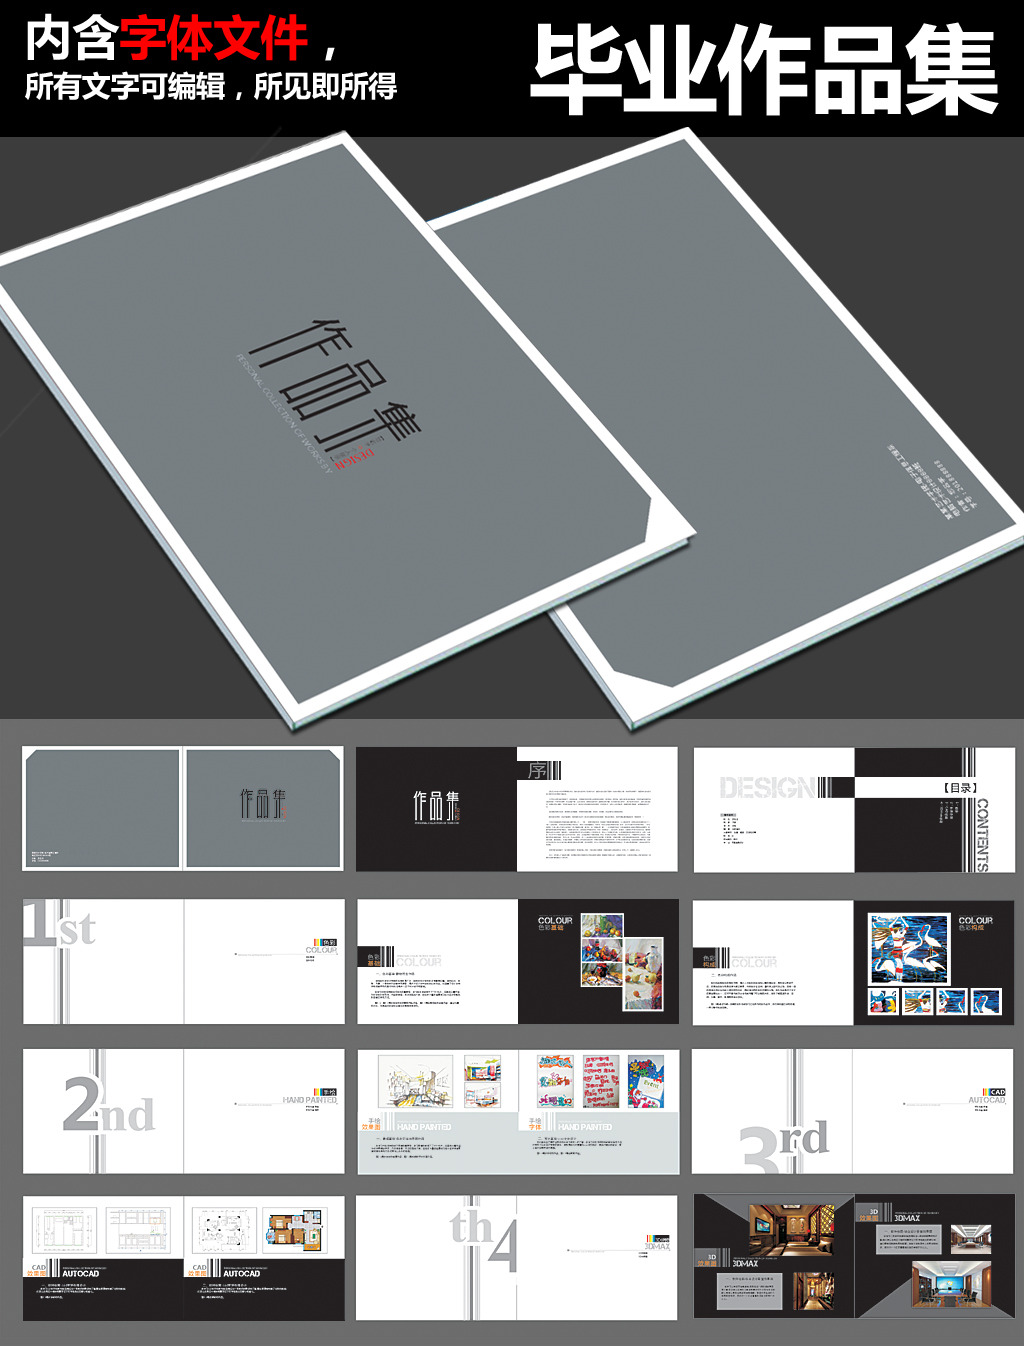 个人毕业设计图册模板图片